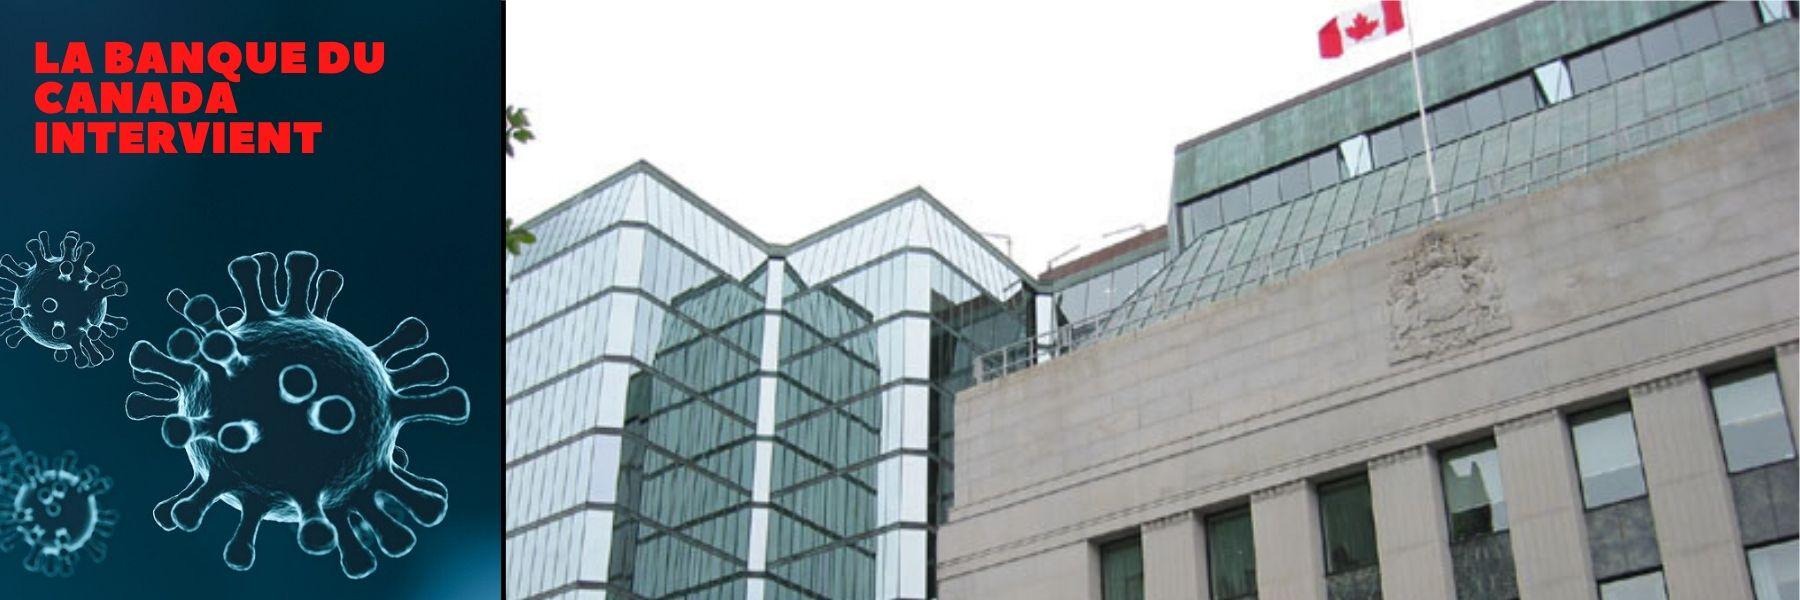 La Banque du Canada abaisse le taux directeur à son plus bas